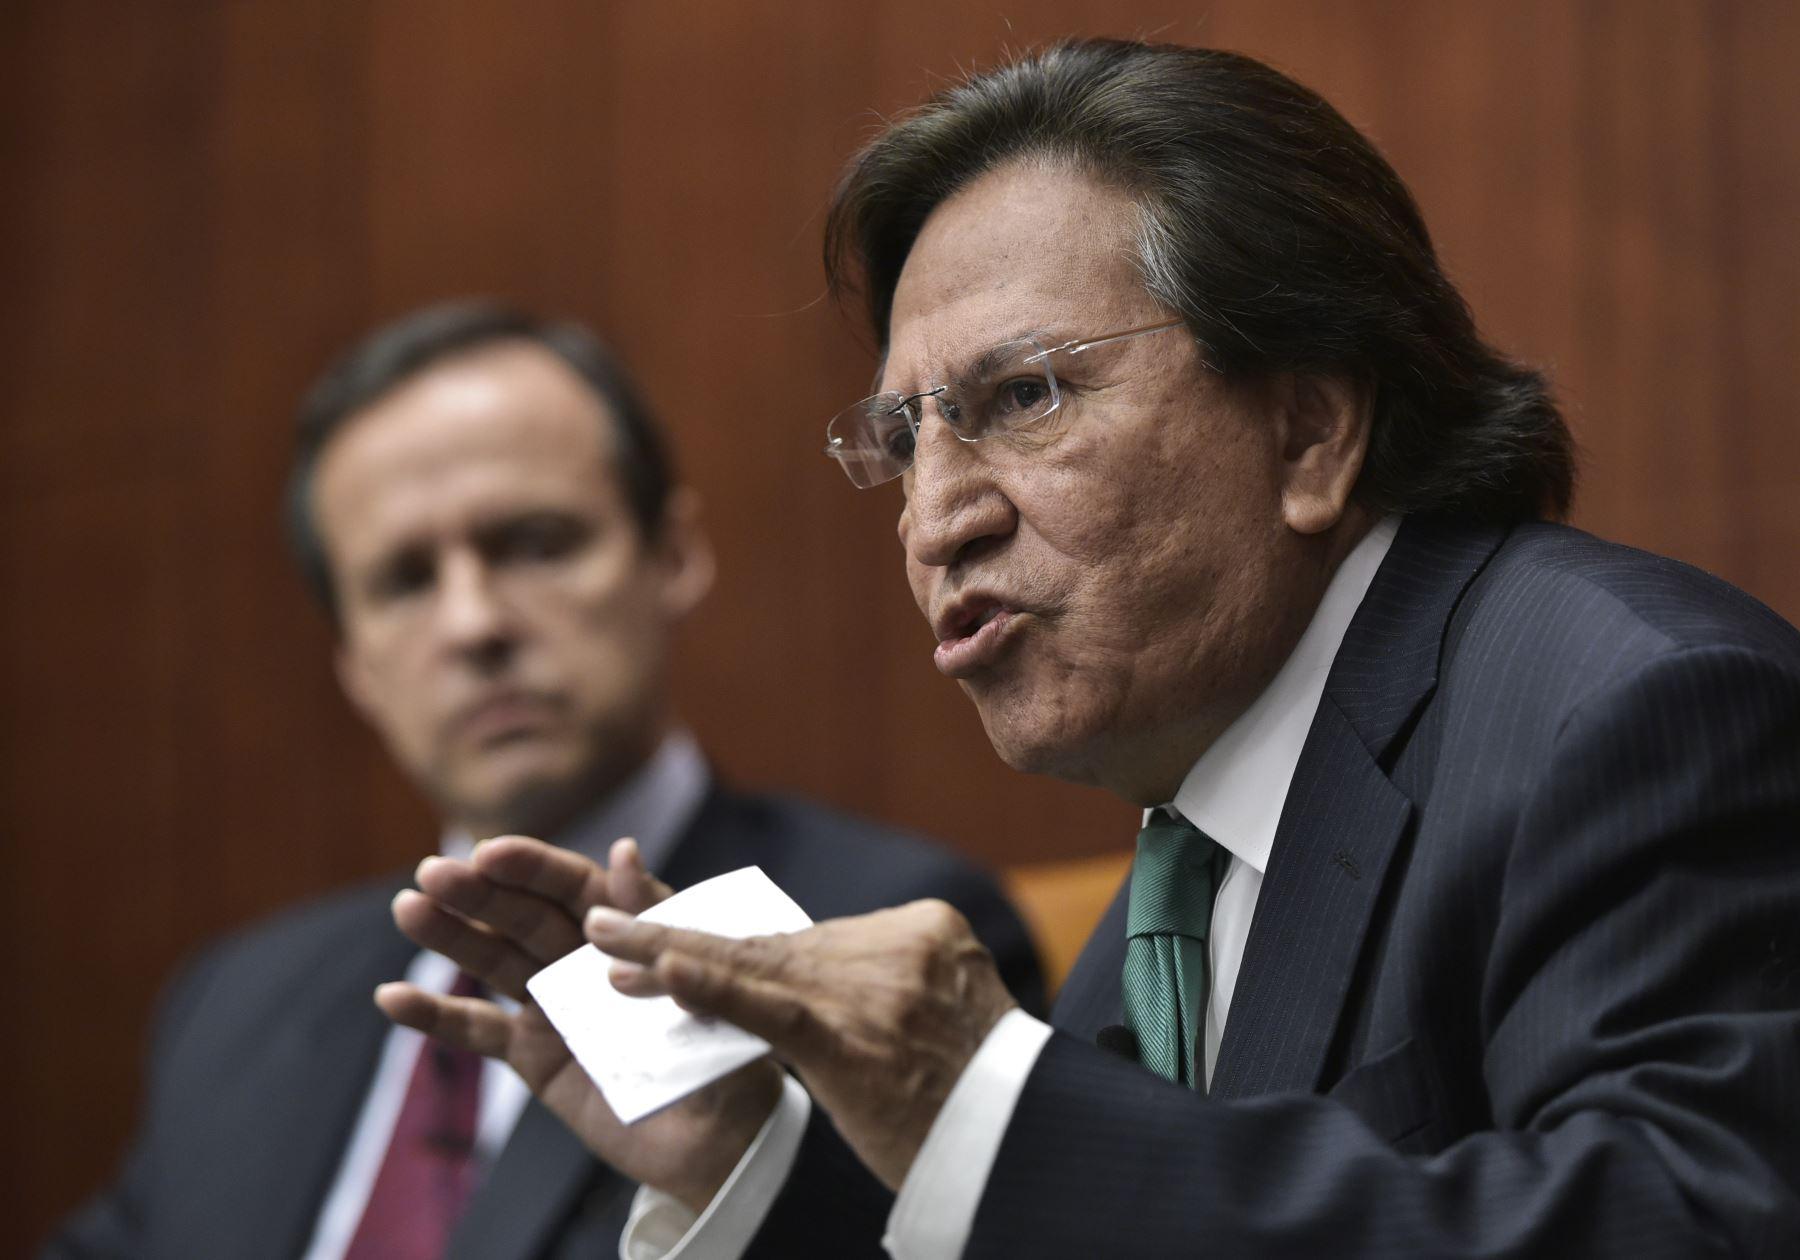 El ex presidente de Perú, Alejandro Toledo (R) habla, observado por el ex presidente de Bolivia, Jorge Quiroga (L), durante una discusión sobre Venezuela y la OEA en el Centro de Estudios Estratégicos e Internacionales (CSIS) el 17 de junio de 2016 en Washington.  Foto: AFP